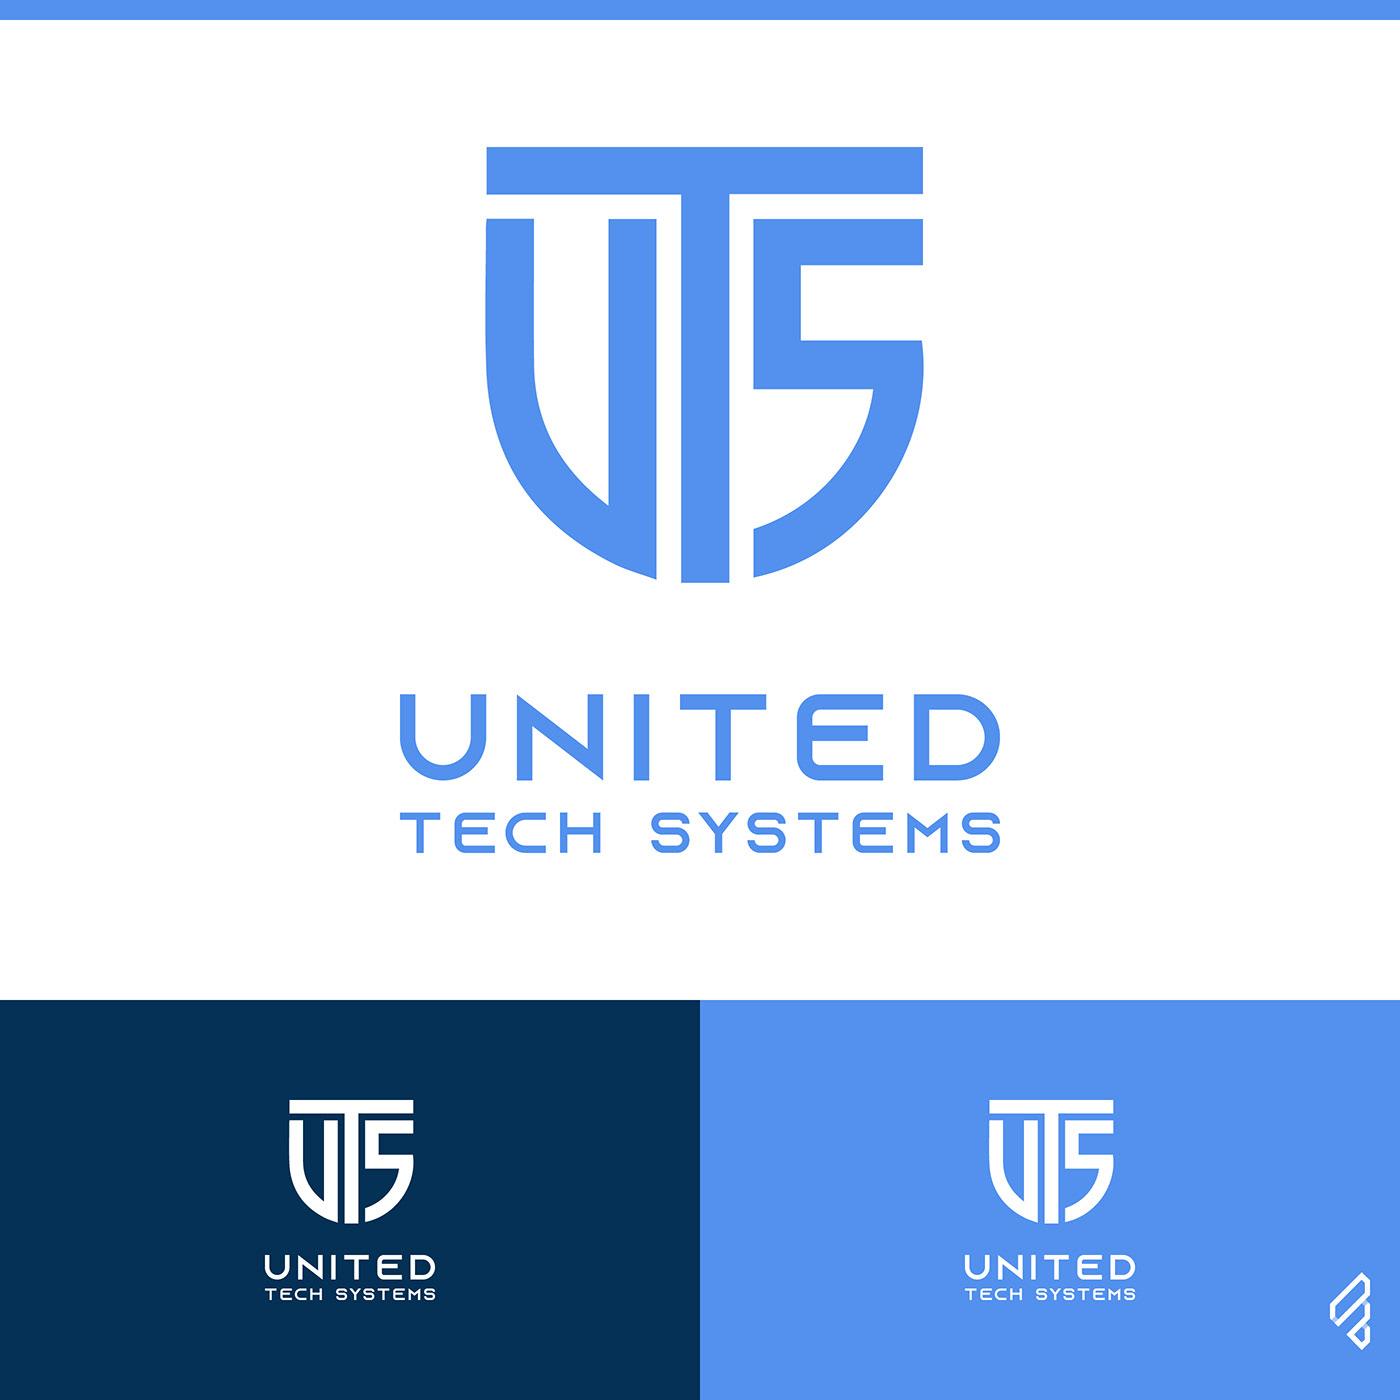 Image may contain: screenshot, abstract and logo